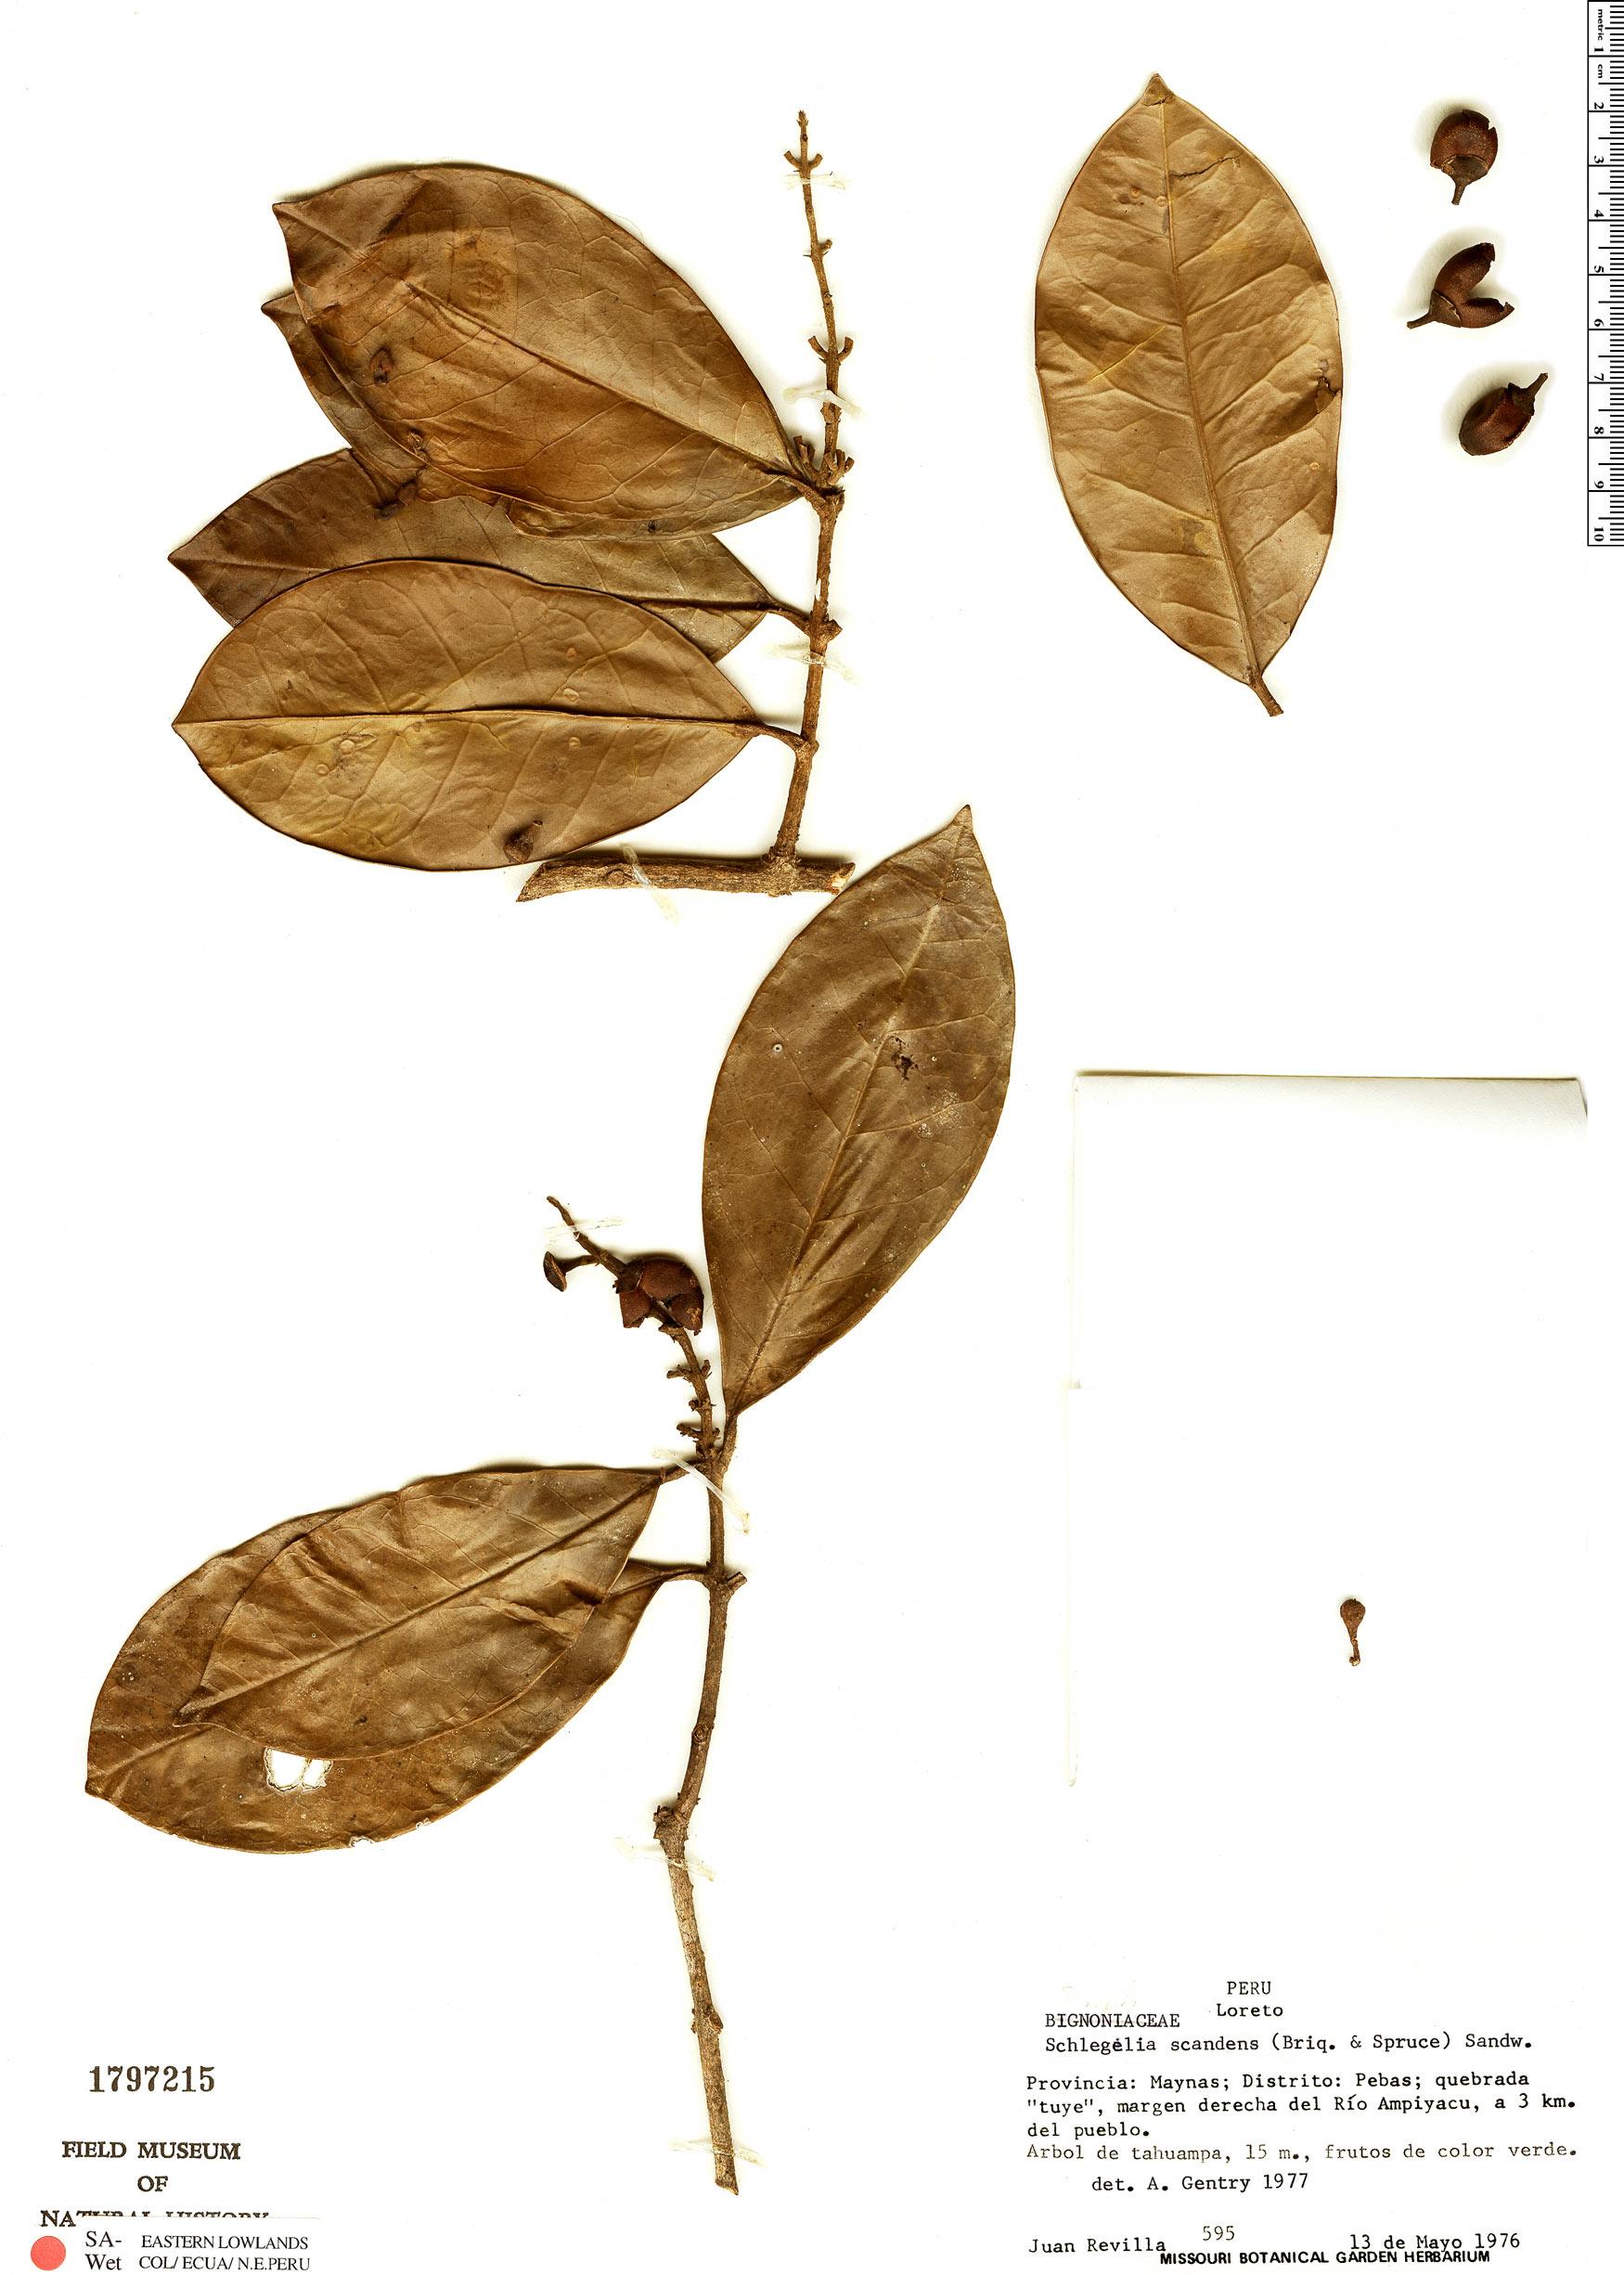 Specimen: Schlegelia scandens